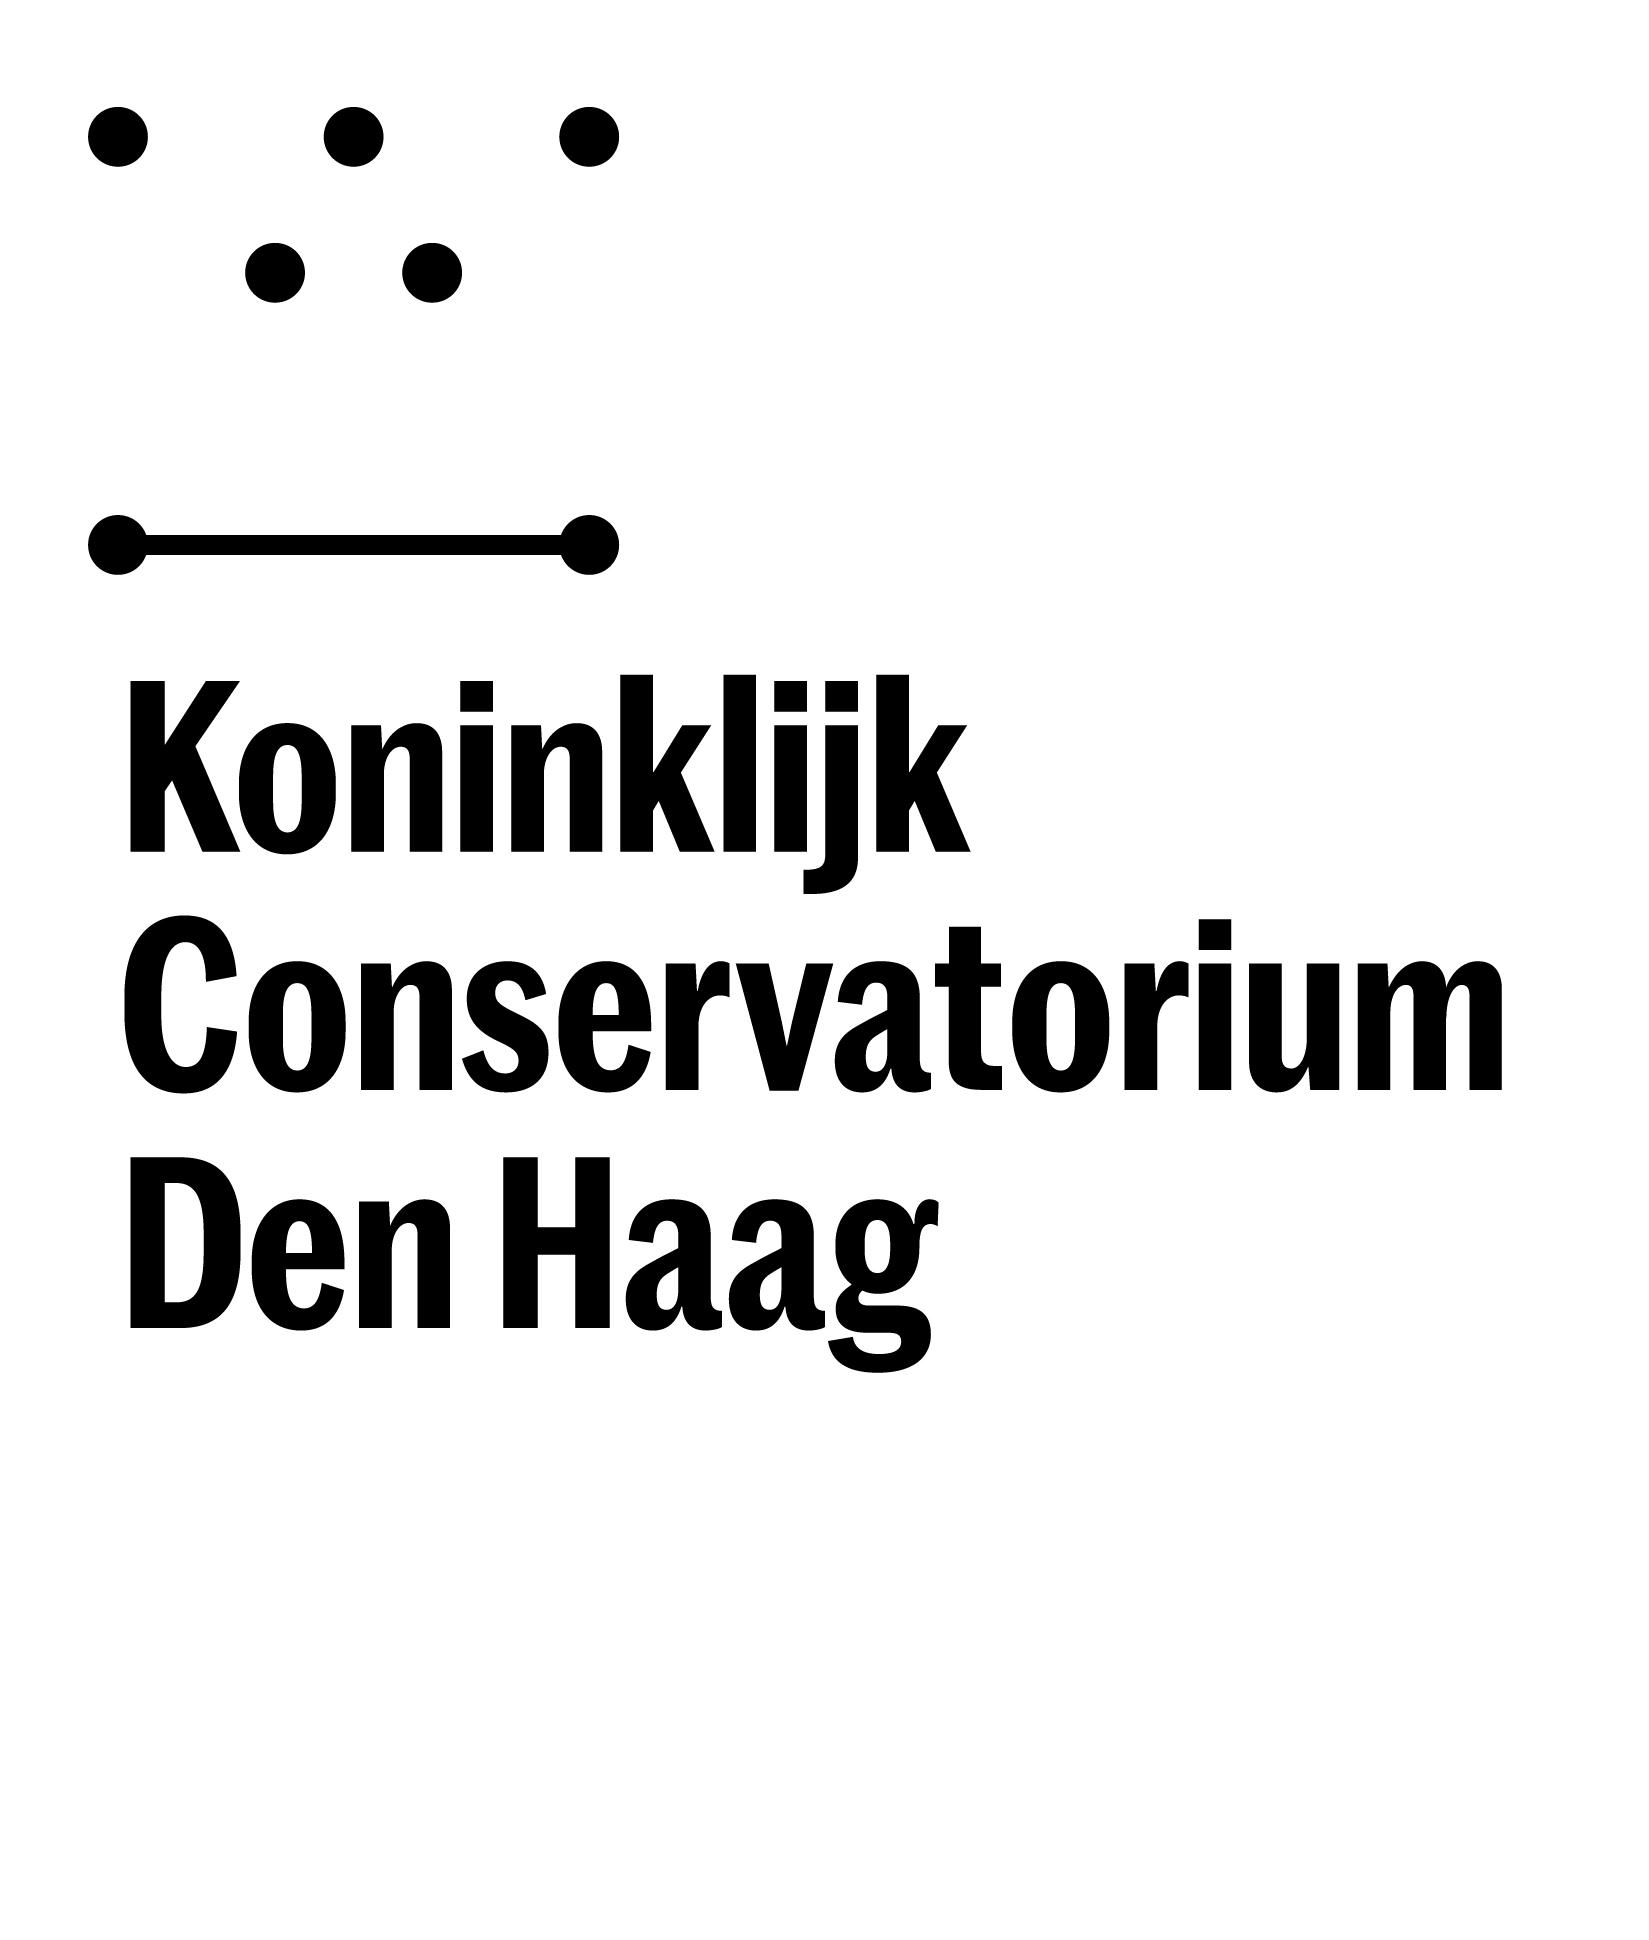 Koninklijk Conservatorium in Den Haag